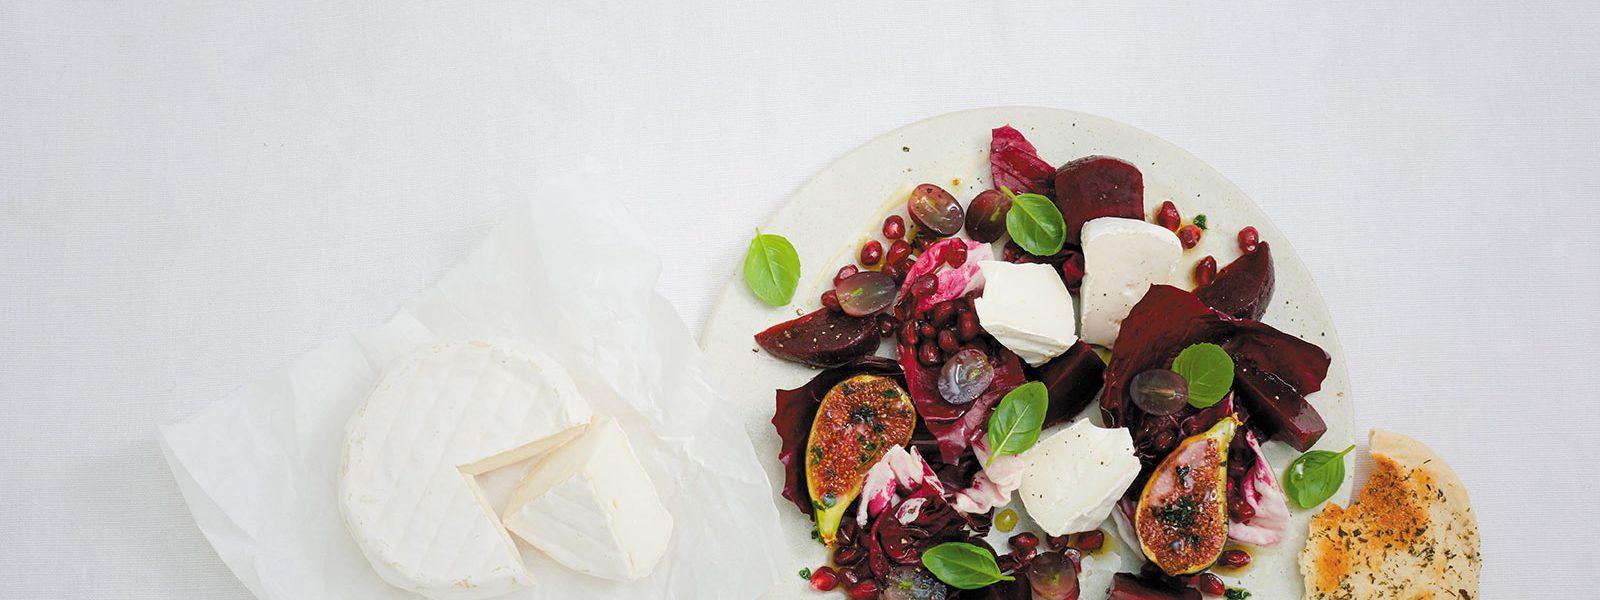 Salat mit Caprella Weichkäse als Hintergundbild für Casa di Pietro